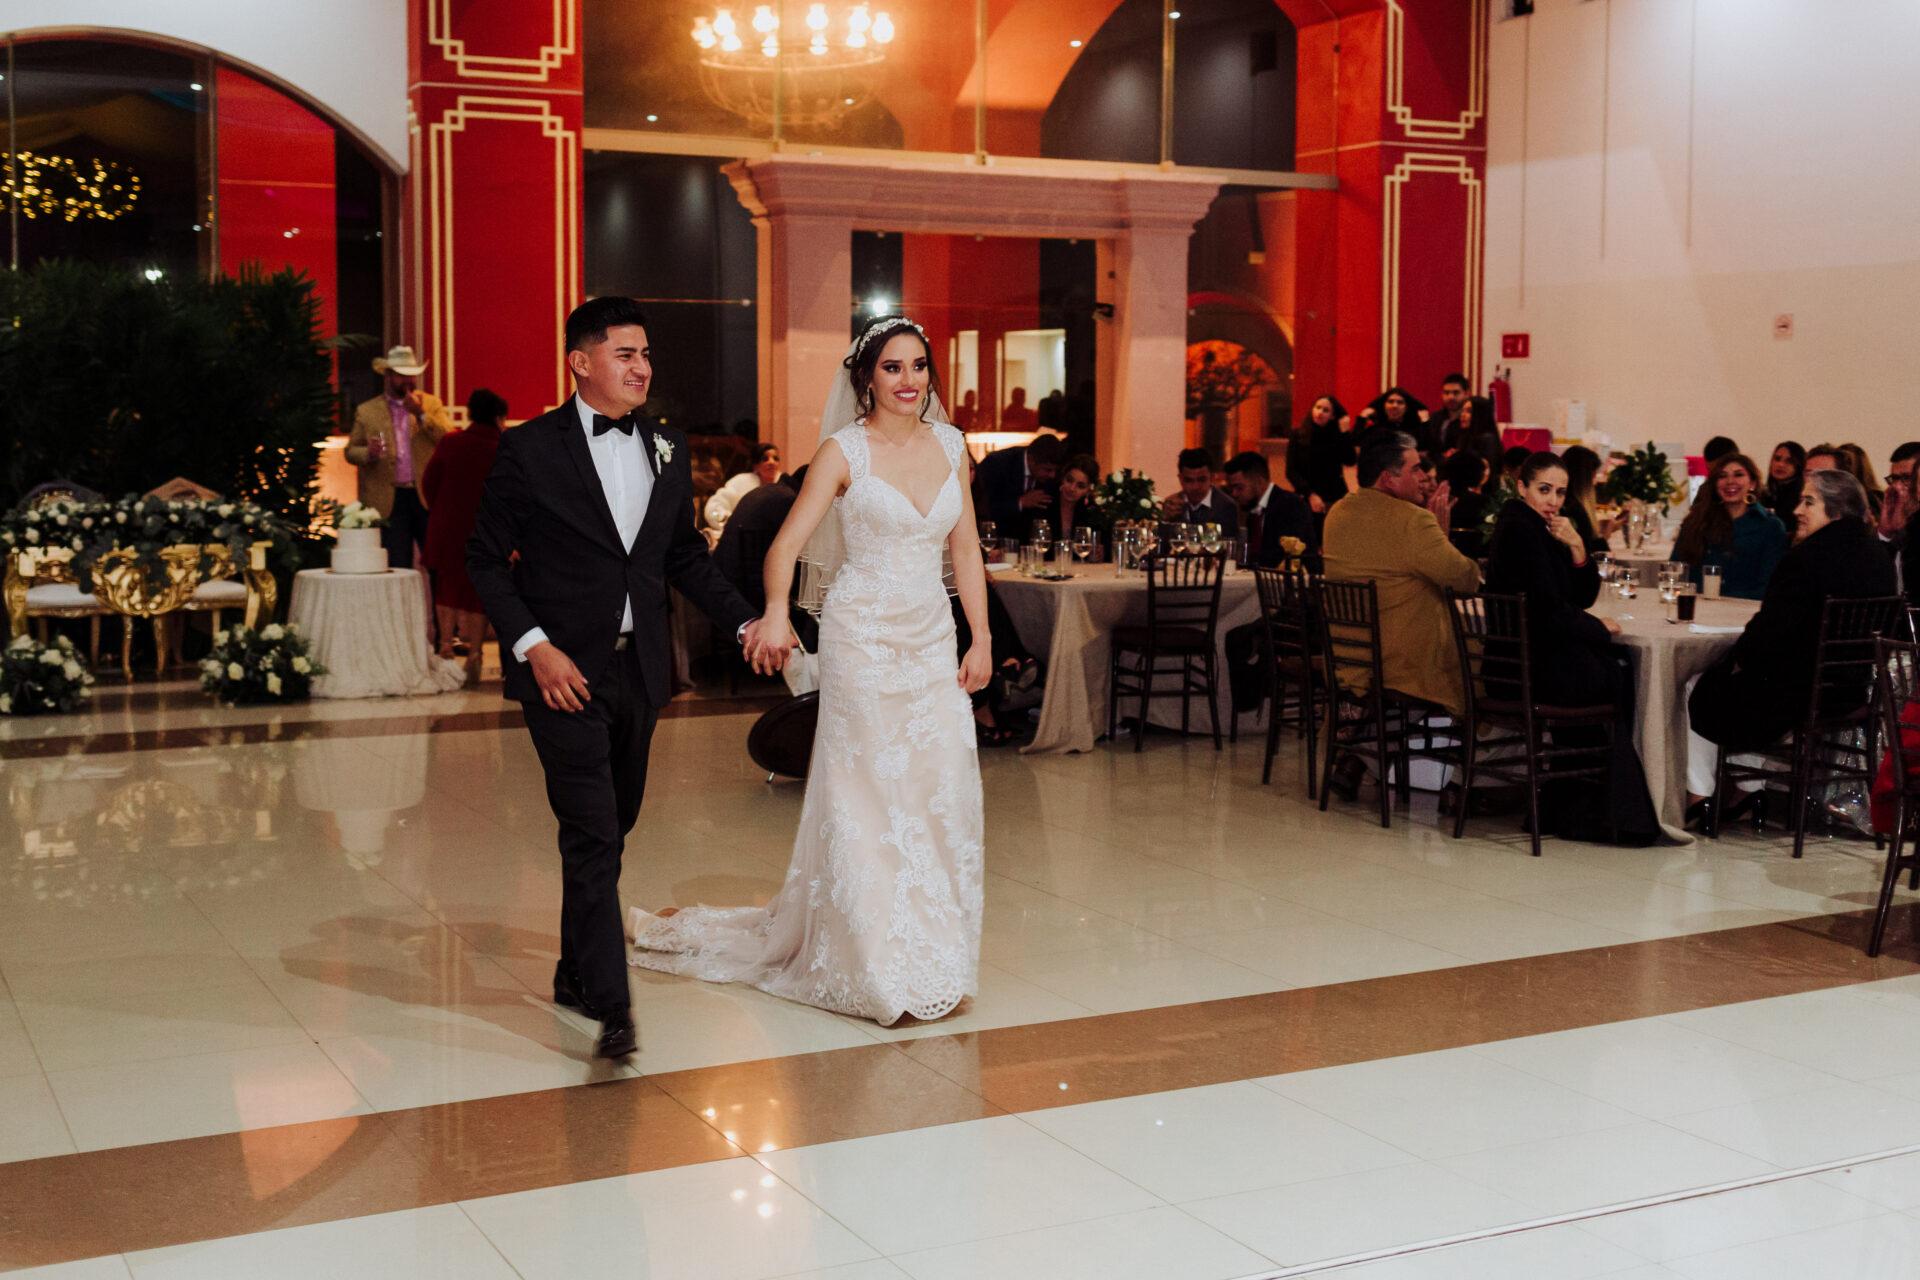 javier_noriega_fotografo_Boda_san_ramon_zacatecas_wedding_photographer23